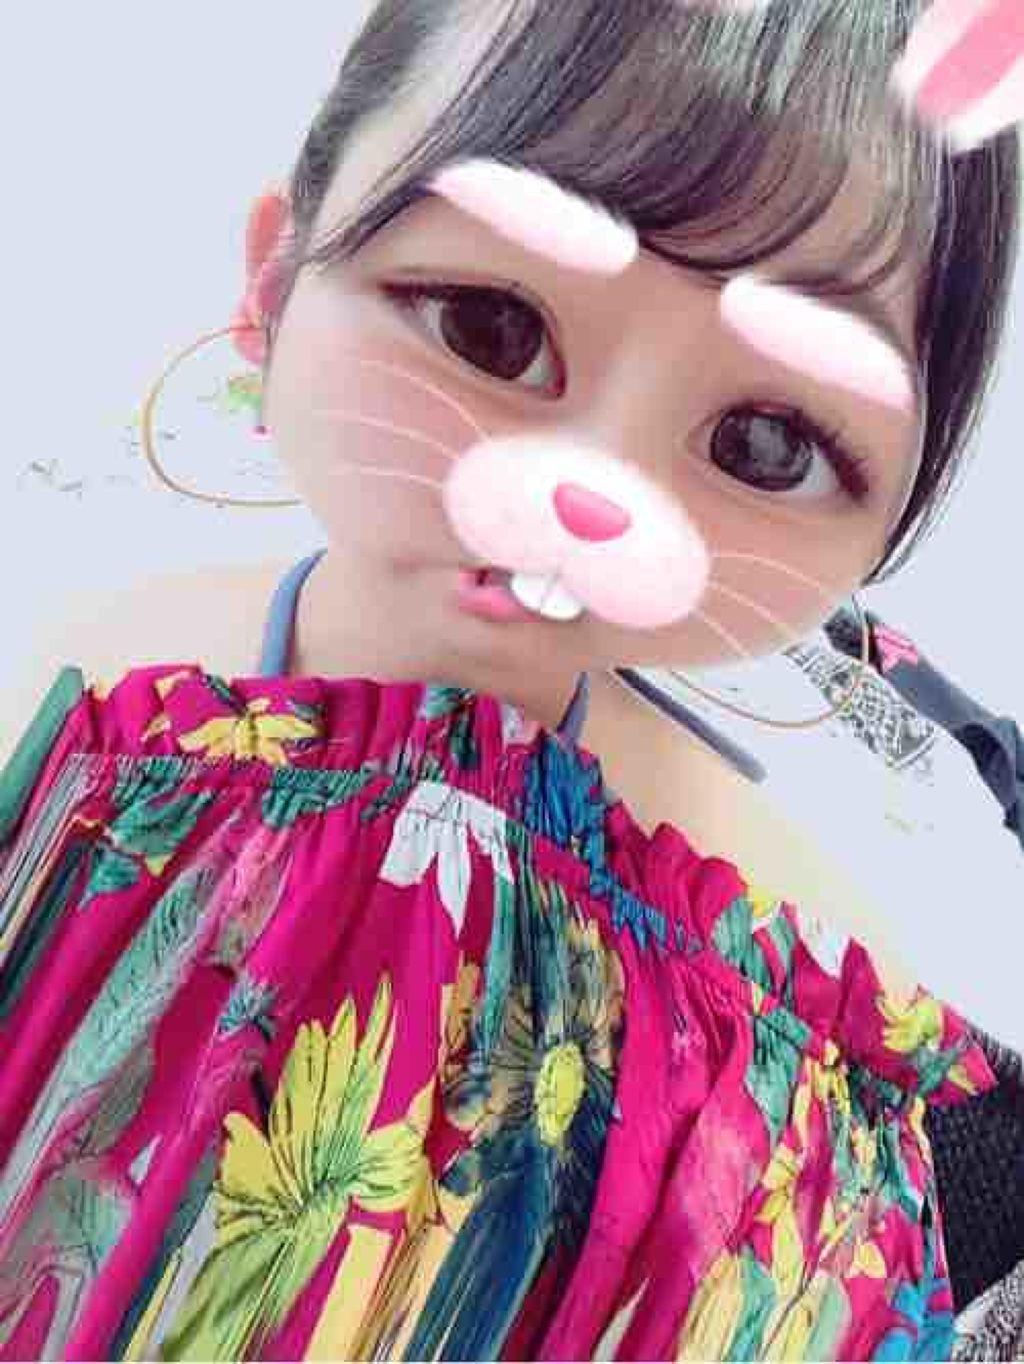 mao_a0106